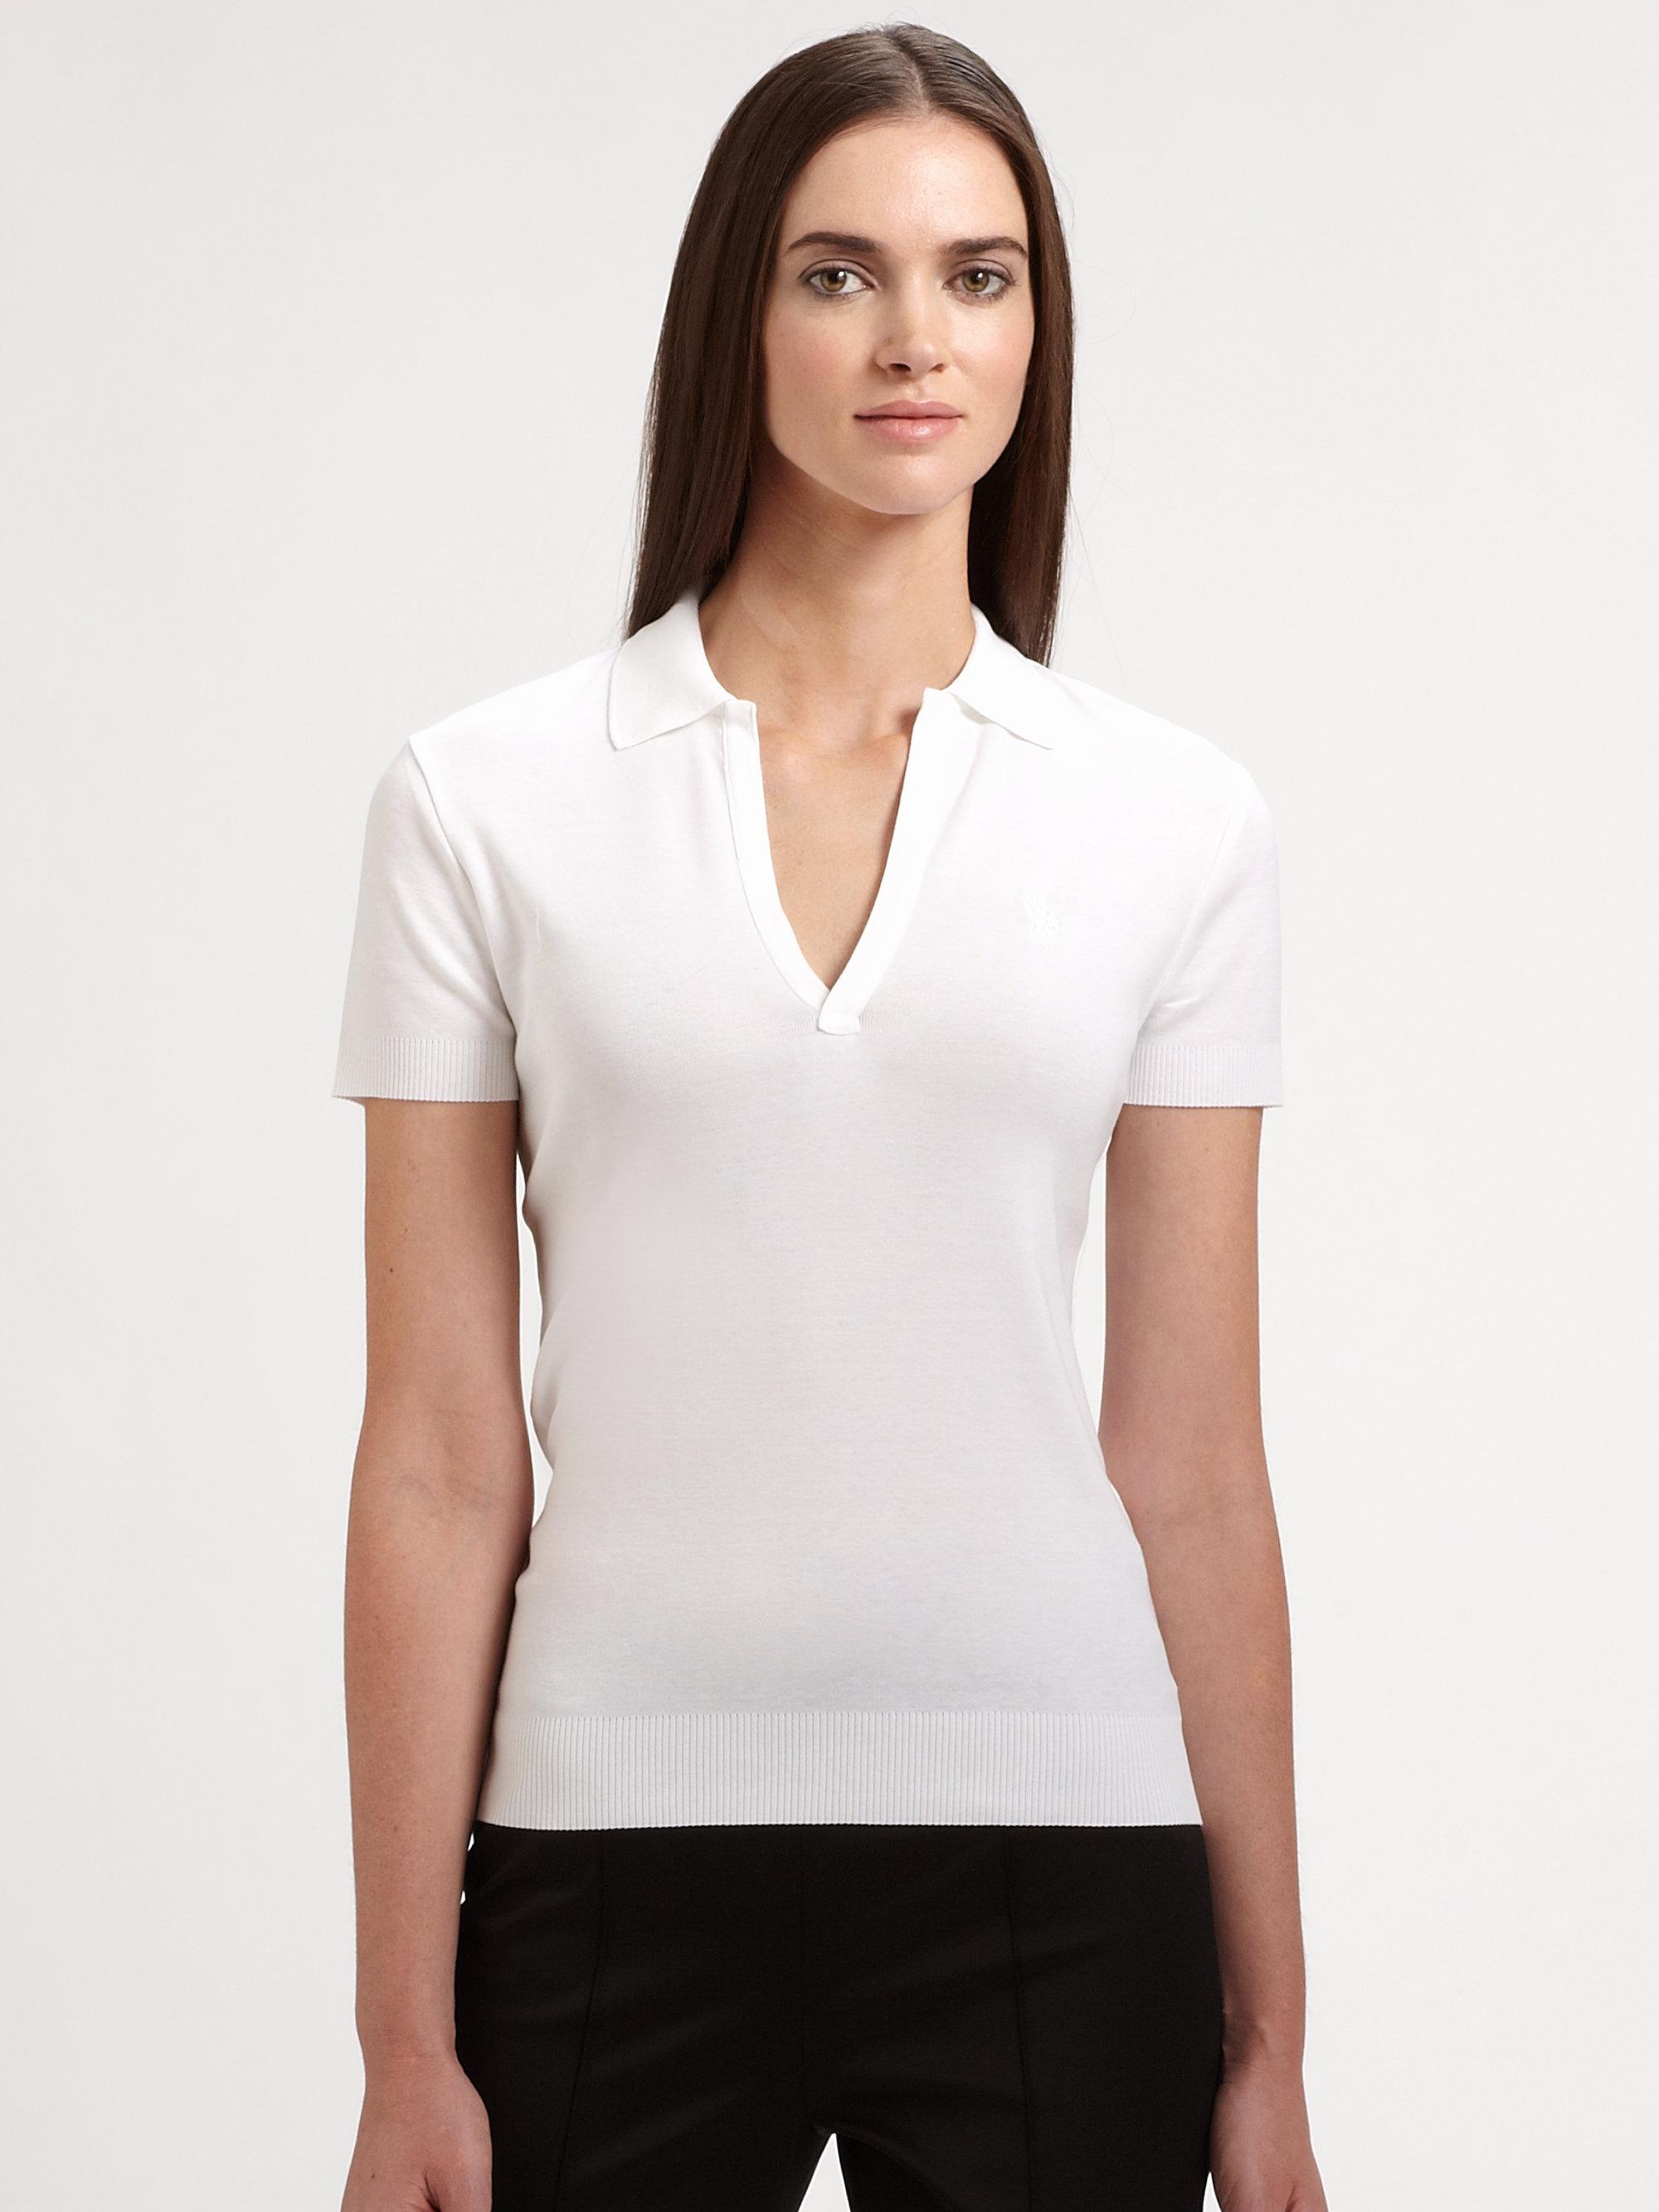 Ralph lauren black label open placket polo shirt in white for Ralph lauren black label polo shirt